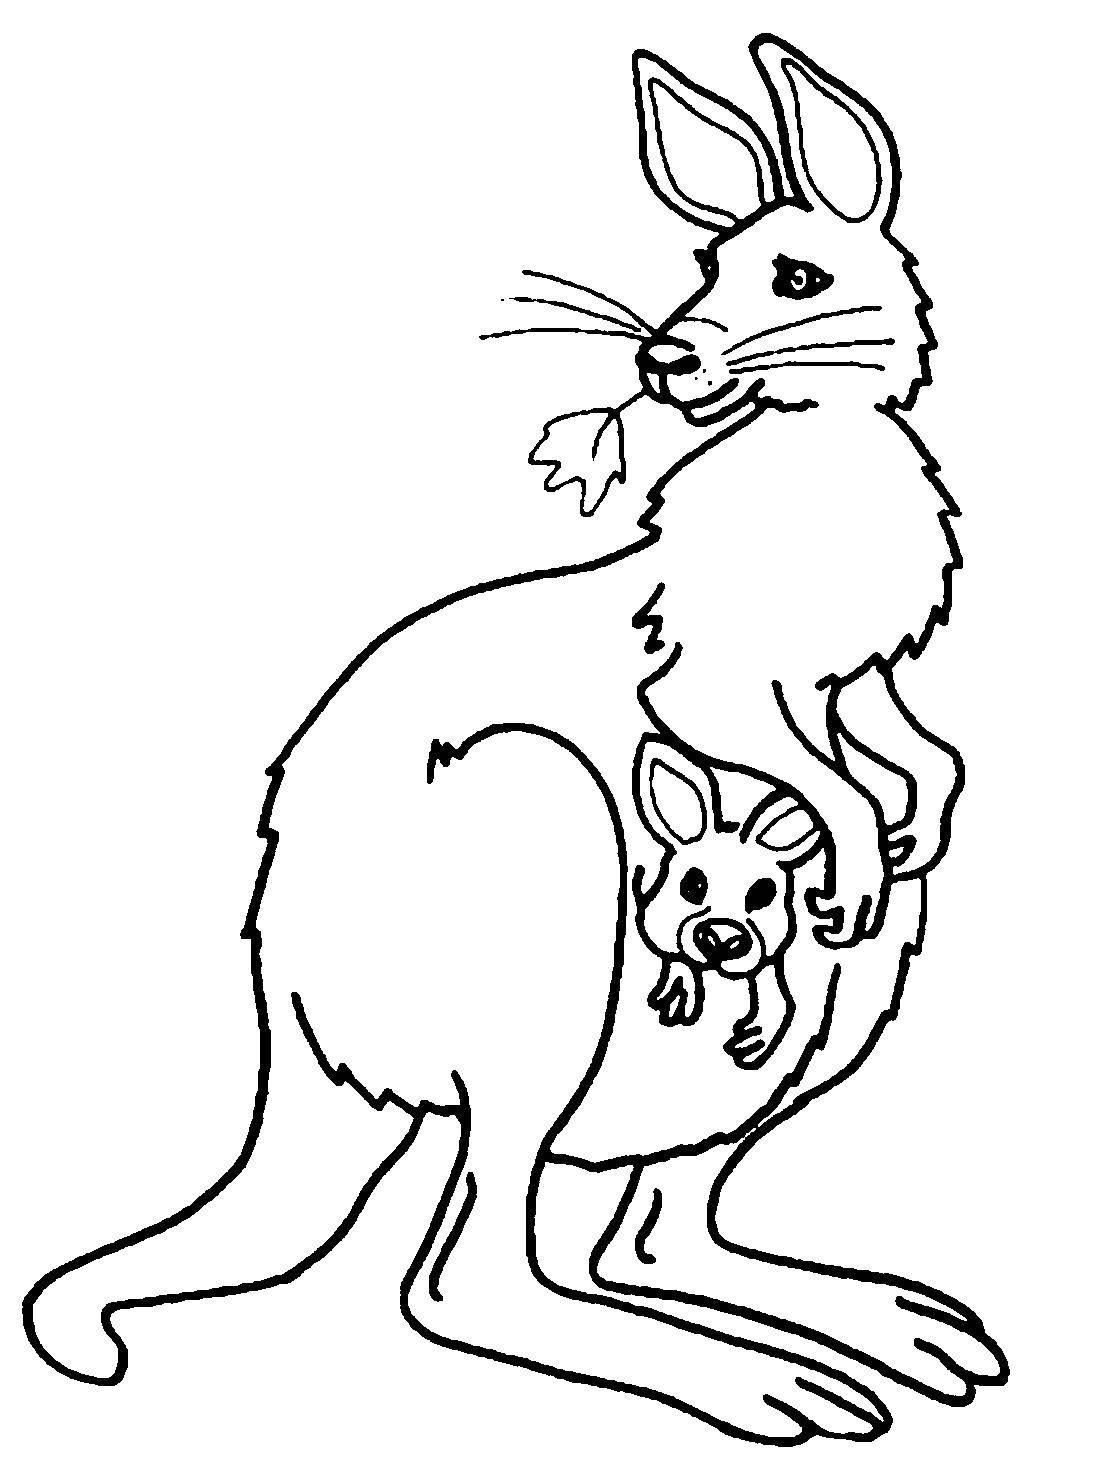 Раскраска Кегуру Скачать кенгуру, животные, карман.  Распечатать ,Животные,